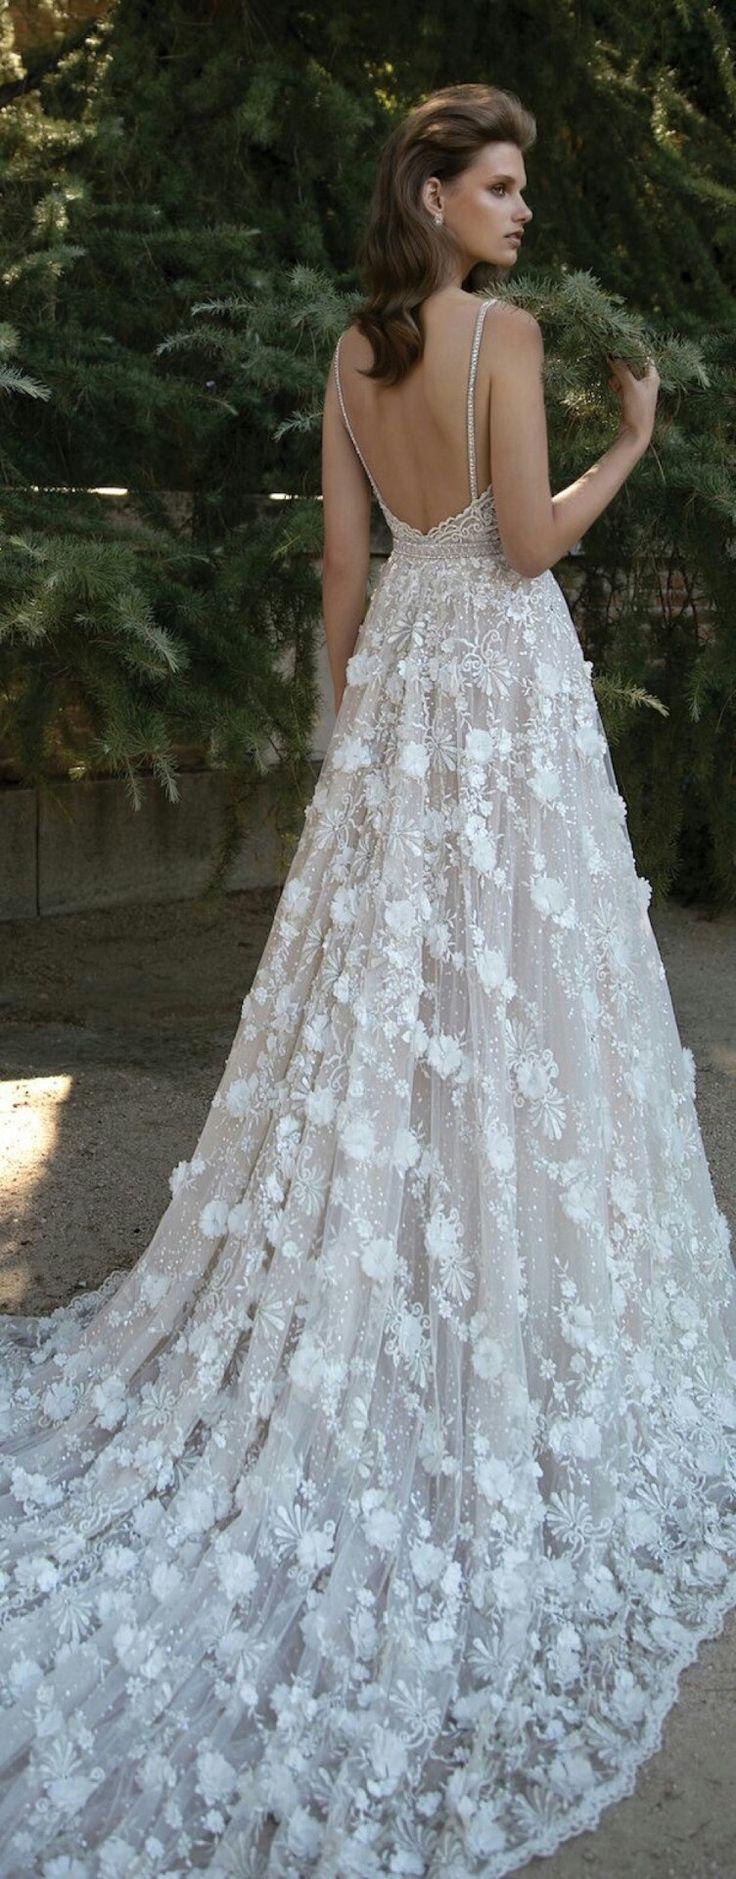 68 best Vestido de Casamento images on Pinterest   The bride ...